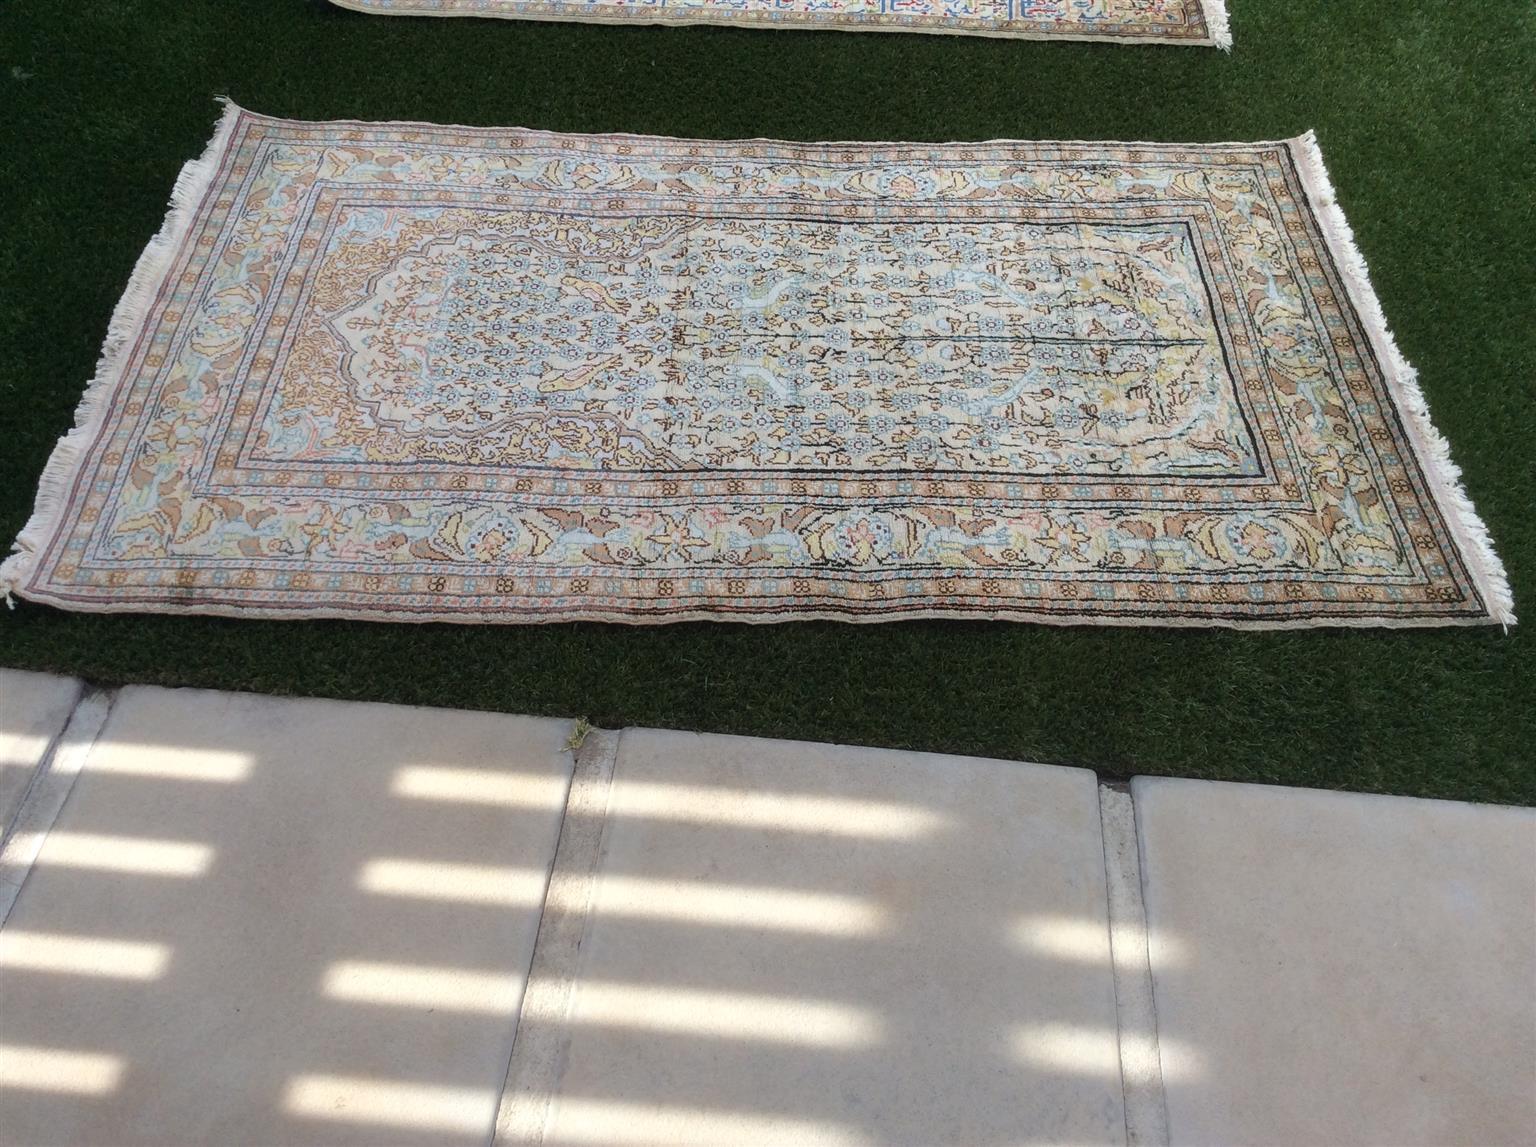 Oriental rug - size 153cms X 85cms